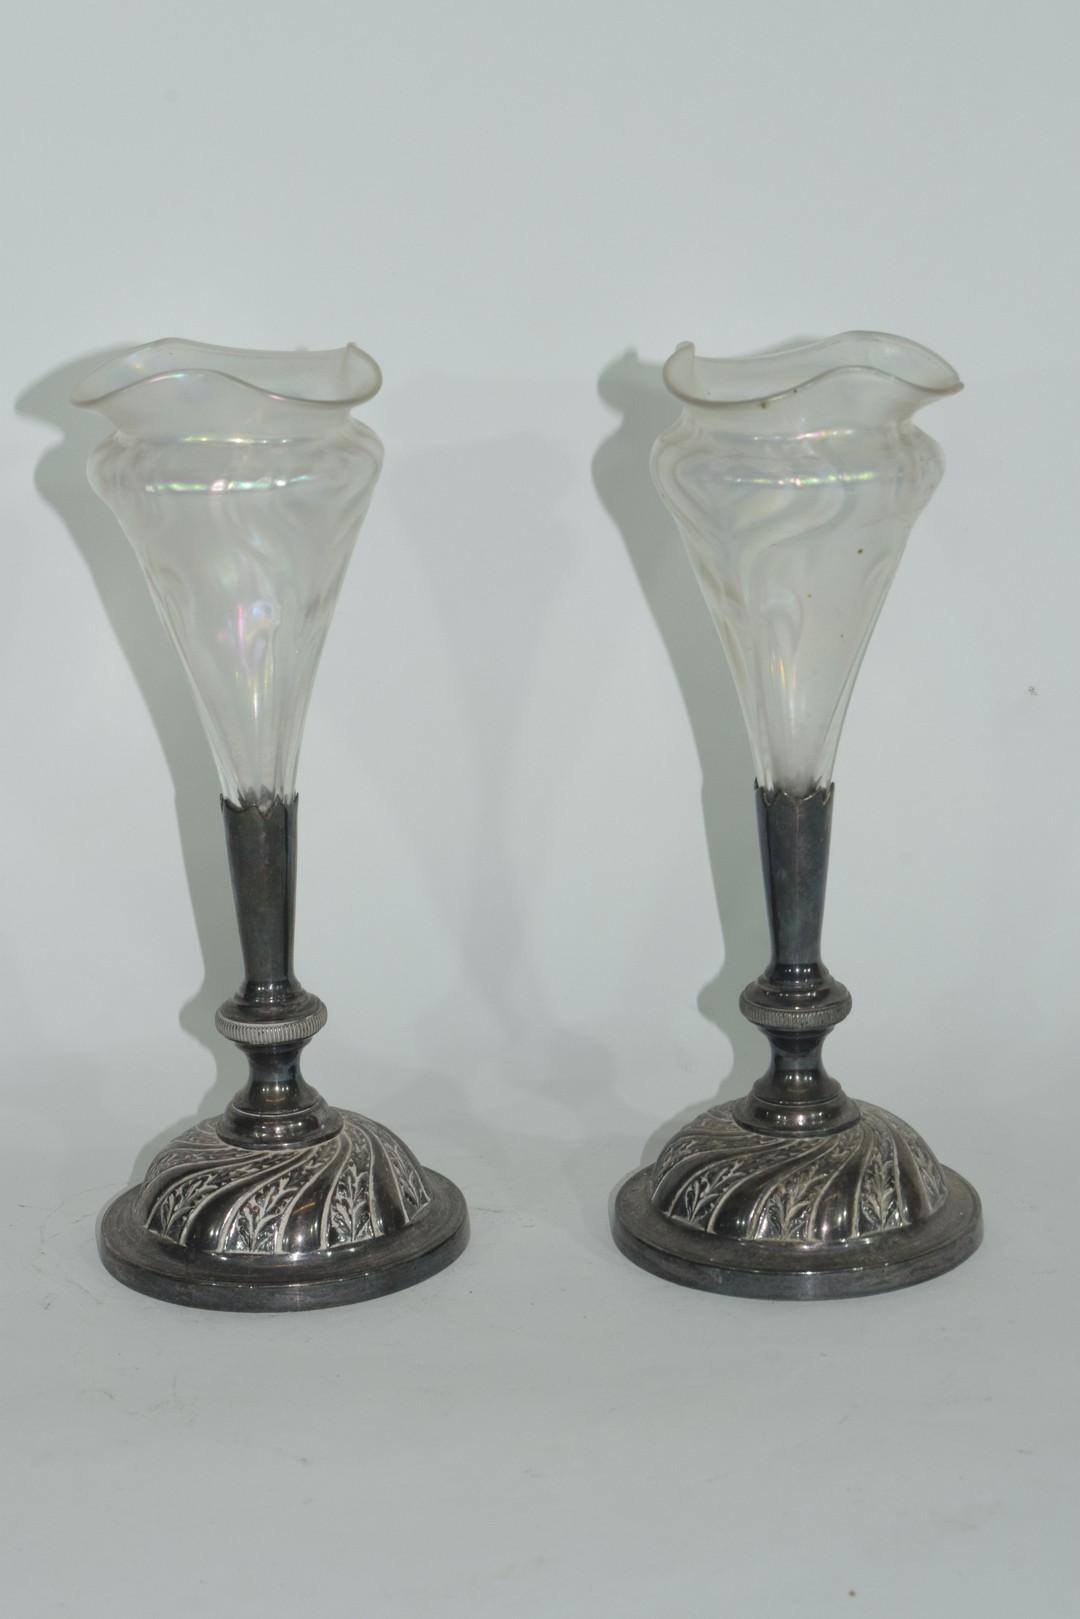 Pair of Art Nouveau bud vases